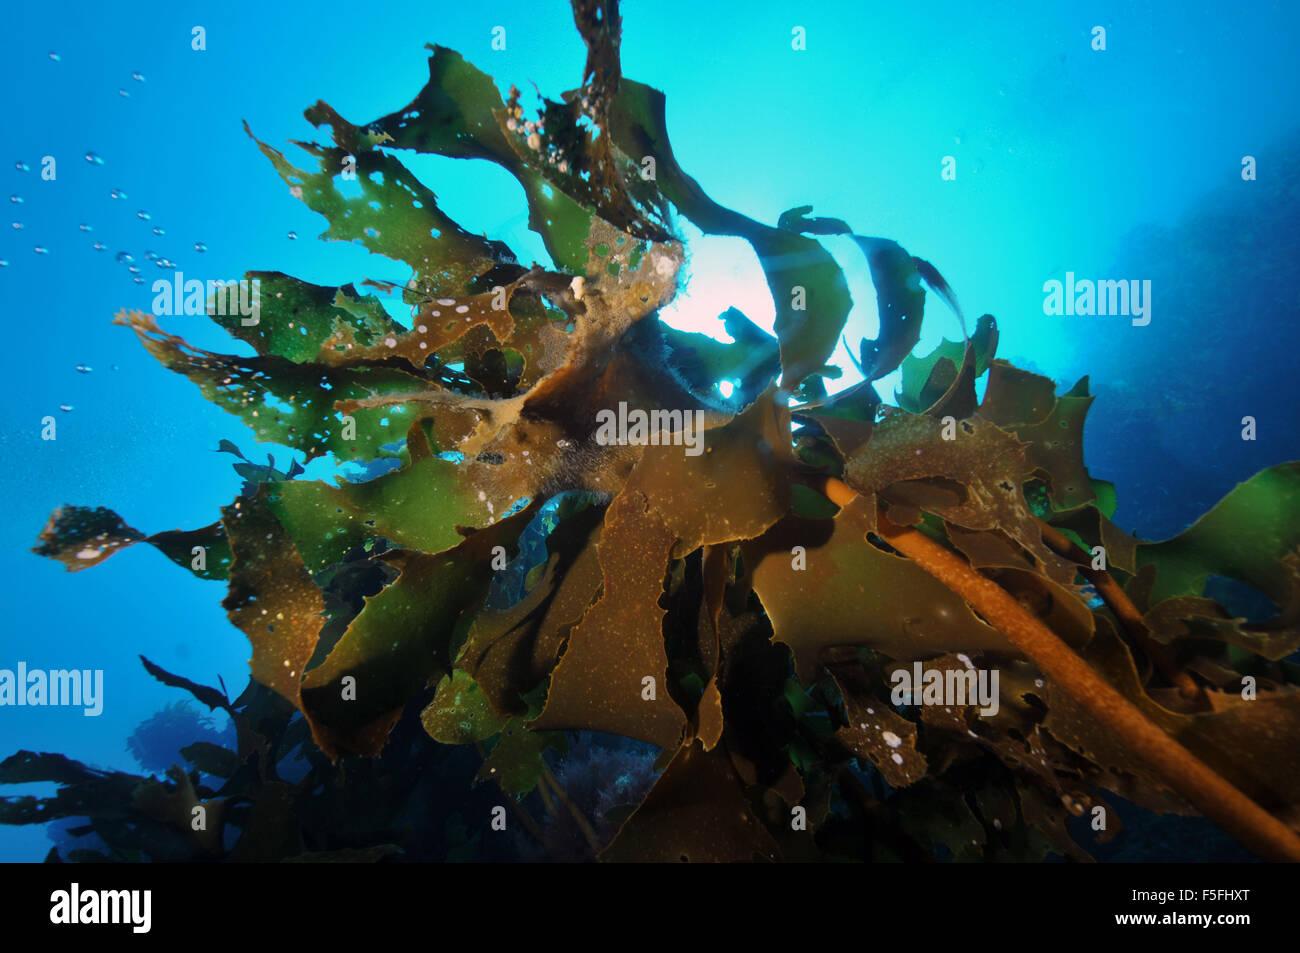 Alga Ulva o lechuga de mar, Ulva lactuca, pobres Caballeros, Reserva Natural de las Islas de la Bahía de las islas, Nueva Zelanda Foto de stock